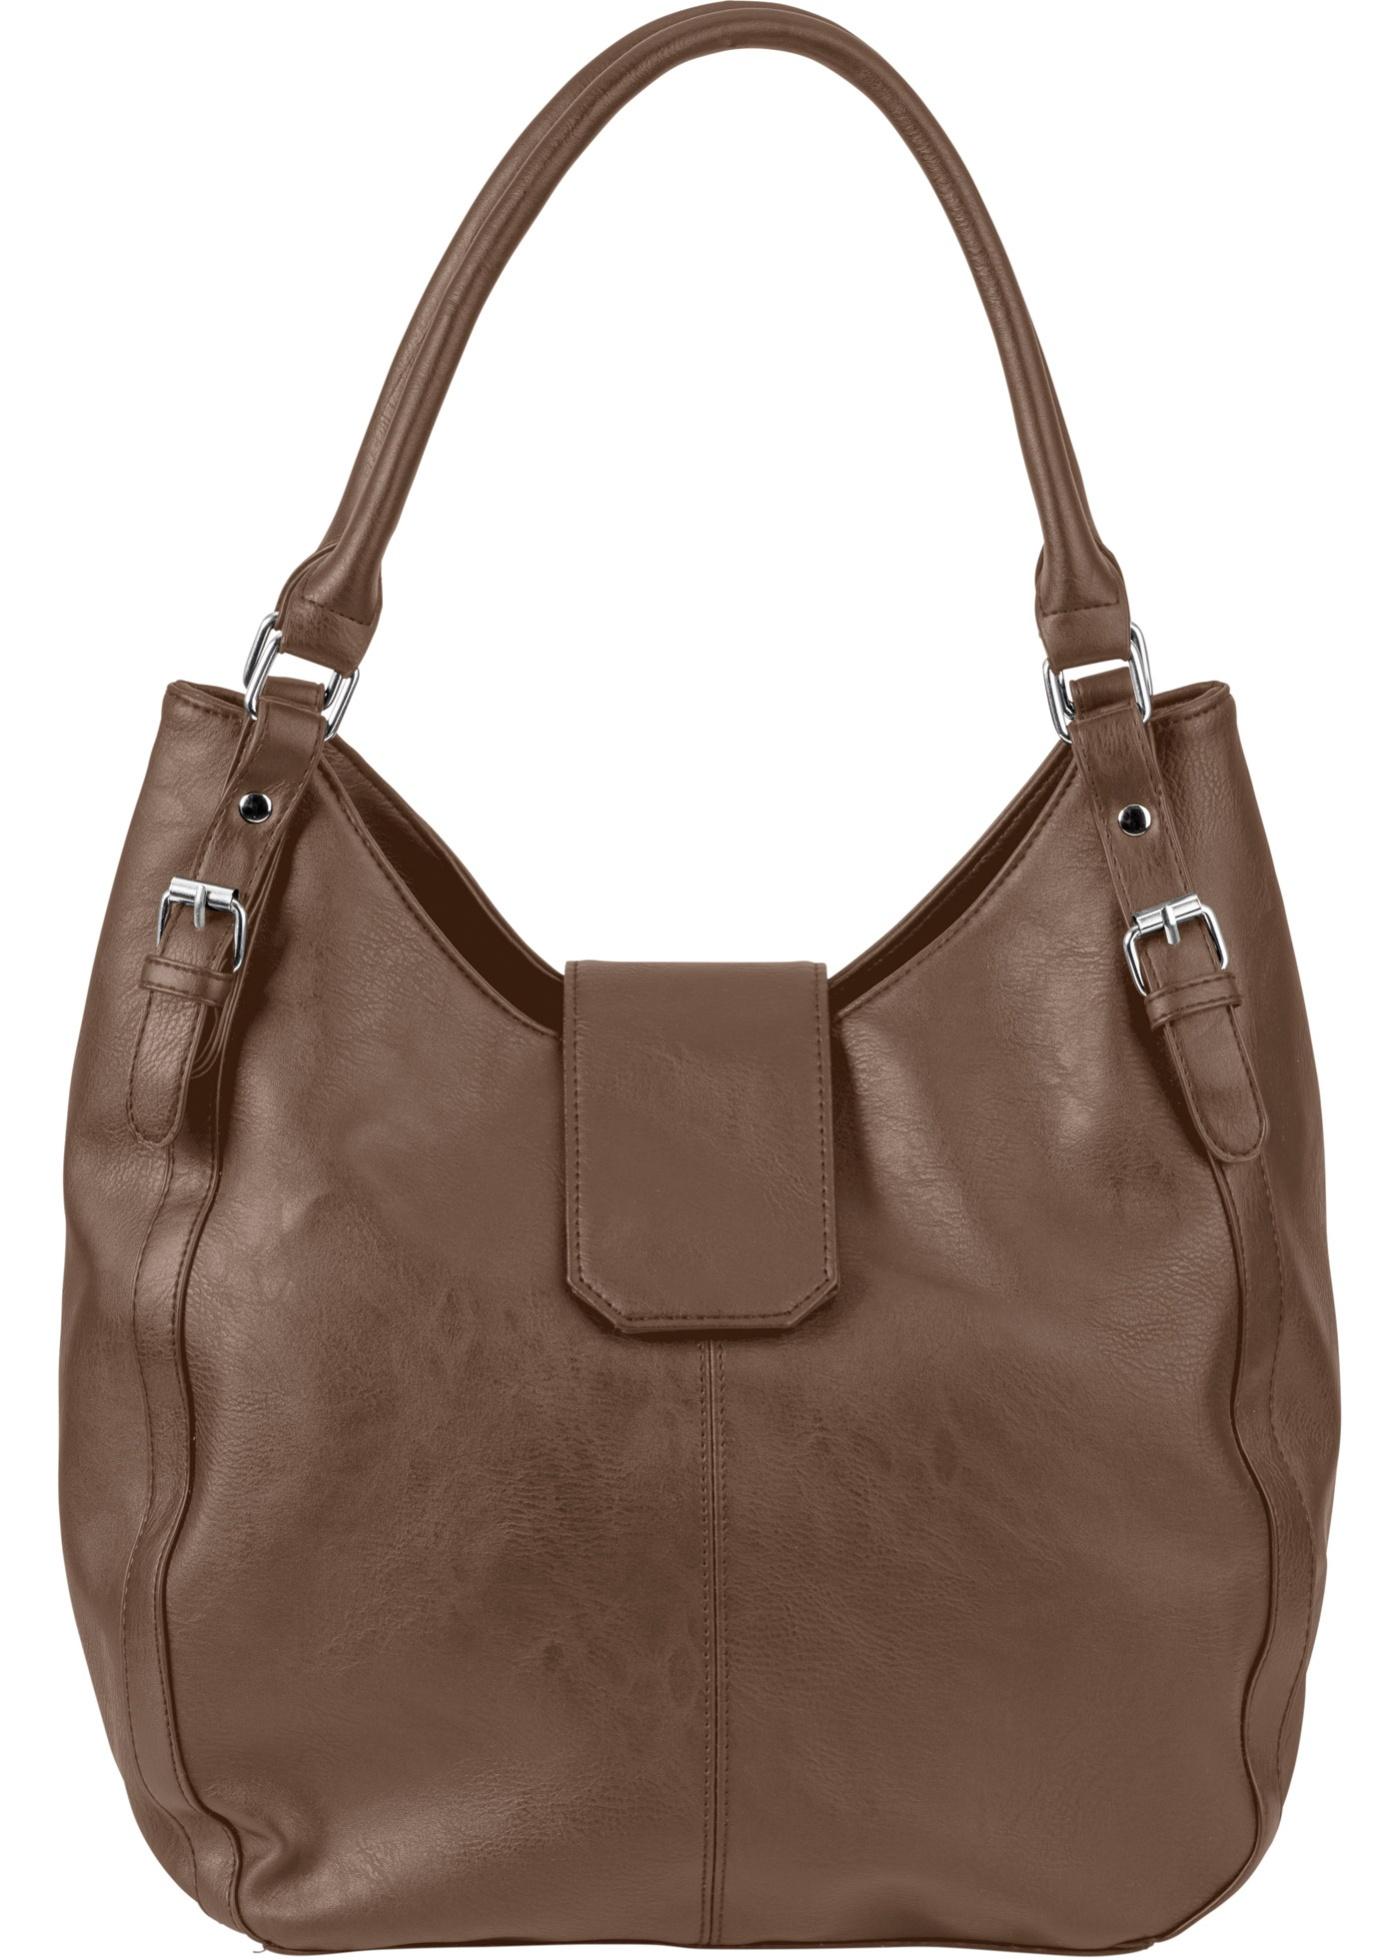 Classique et intemporel, le sac à main est constitué de matière synthétique imitation cuir. Idéal pour le quotidien, il est doté de poches pratiques et facilement accessibles. Agrémenté de coutures décoratives, d'une boucle magnétique et de clous, il conv